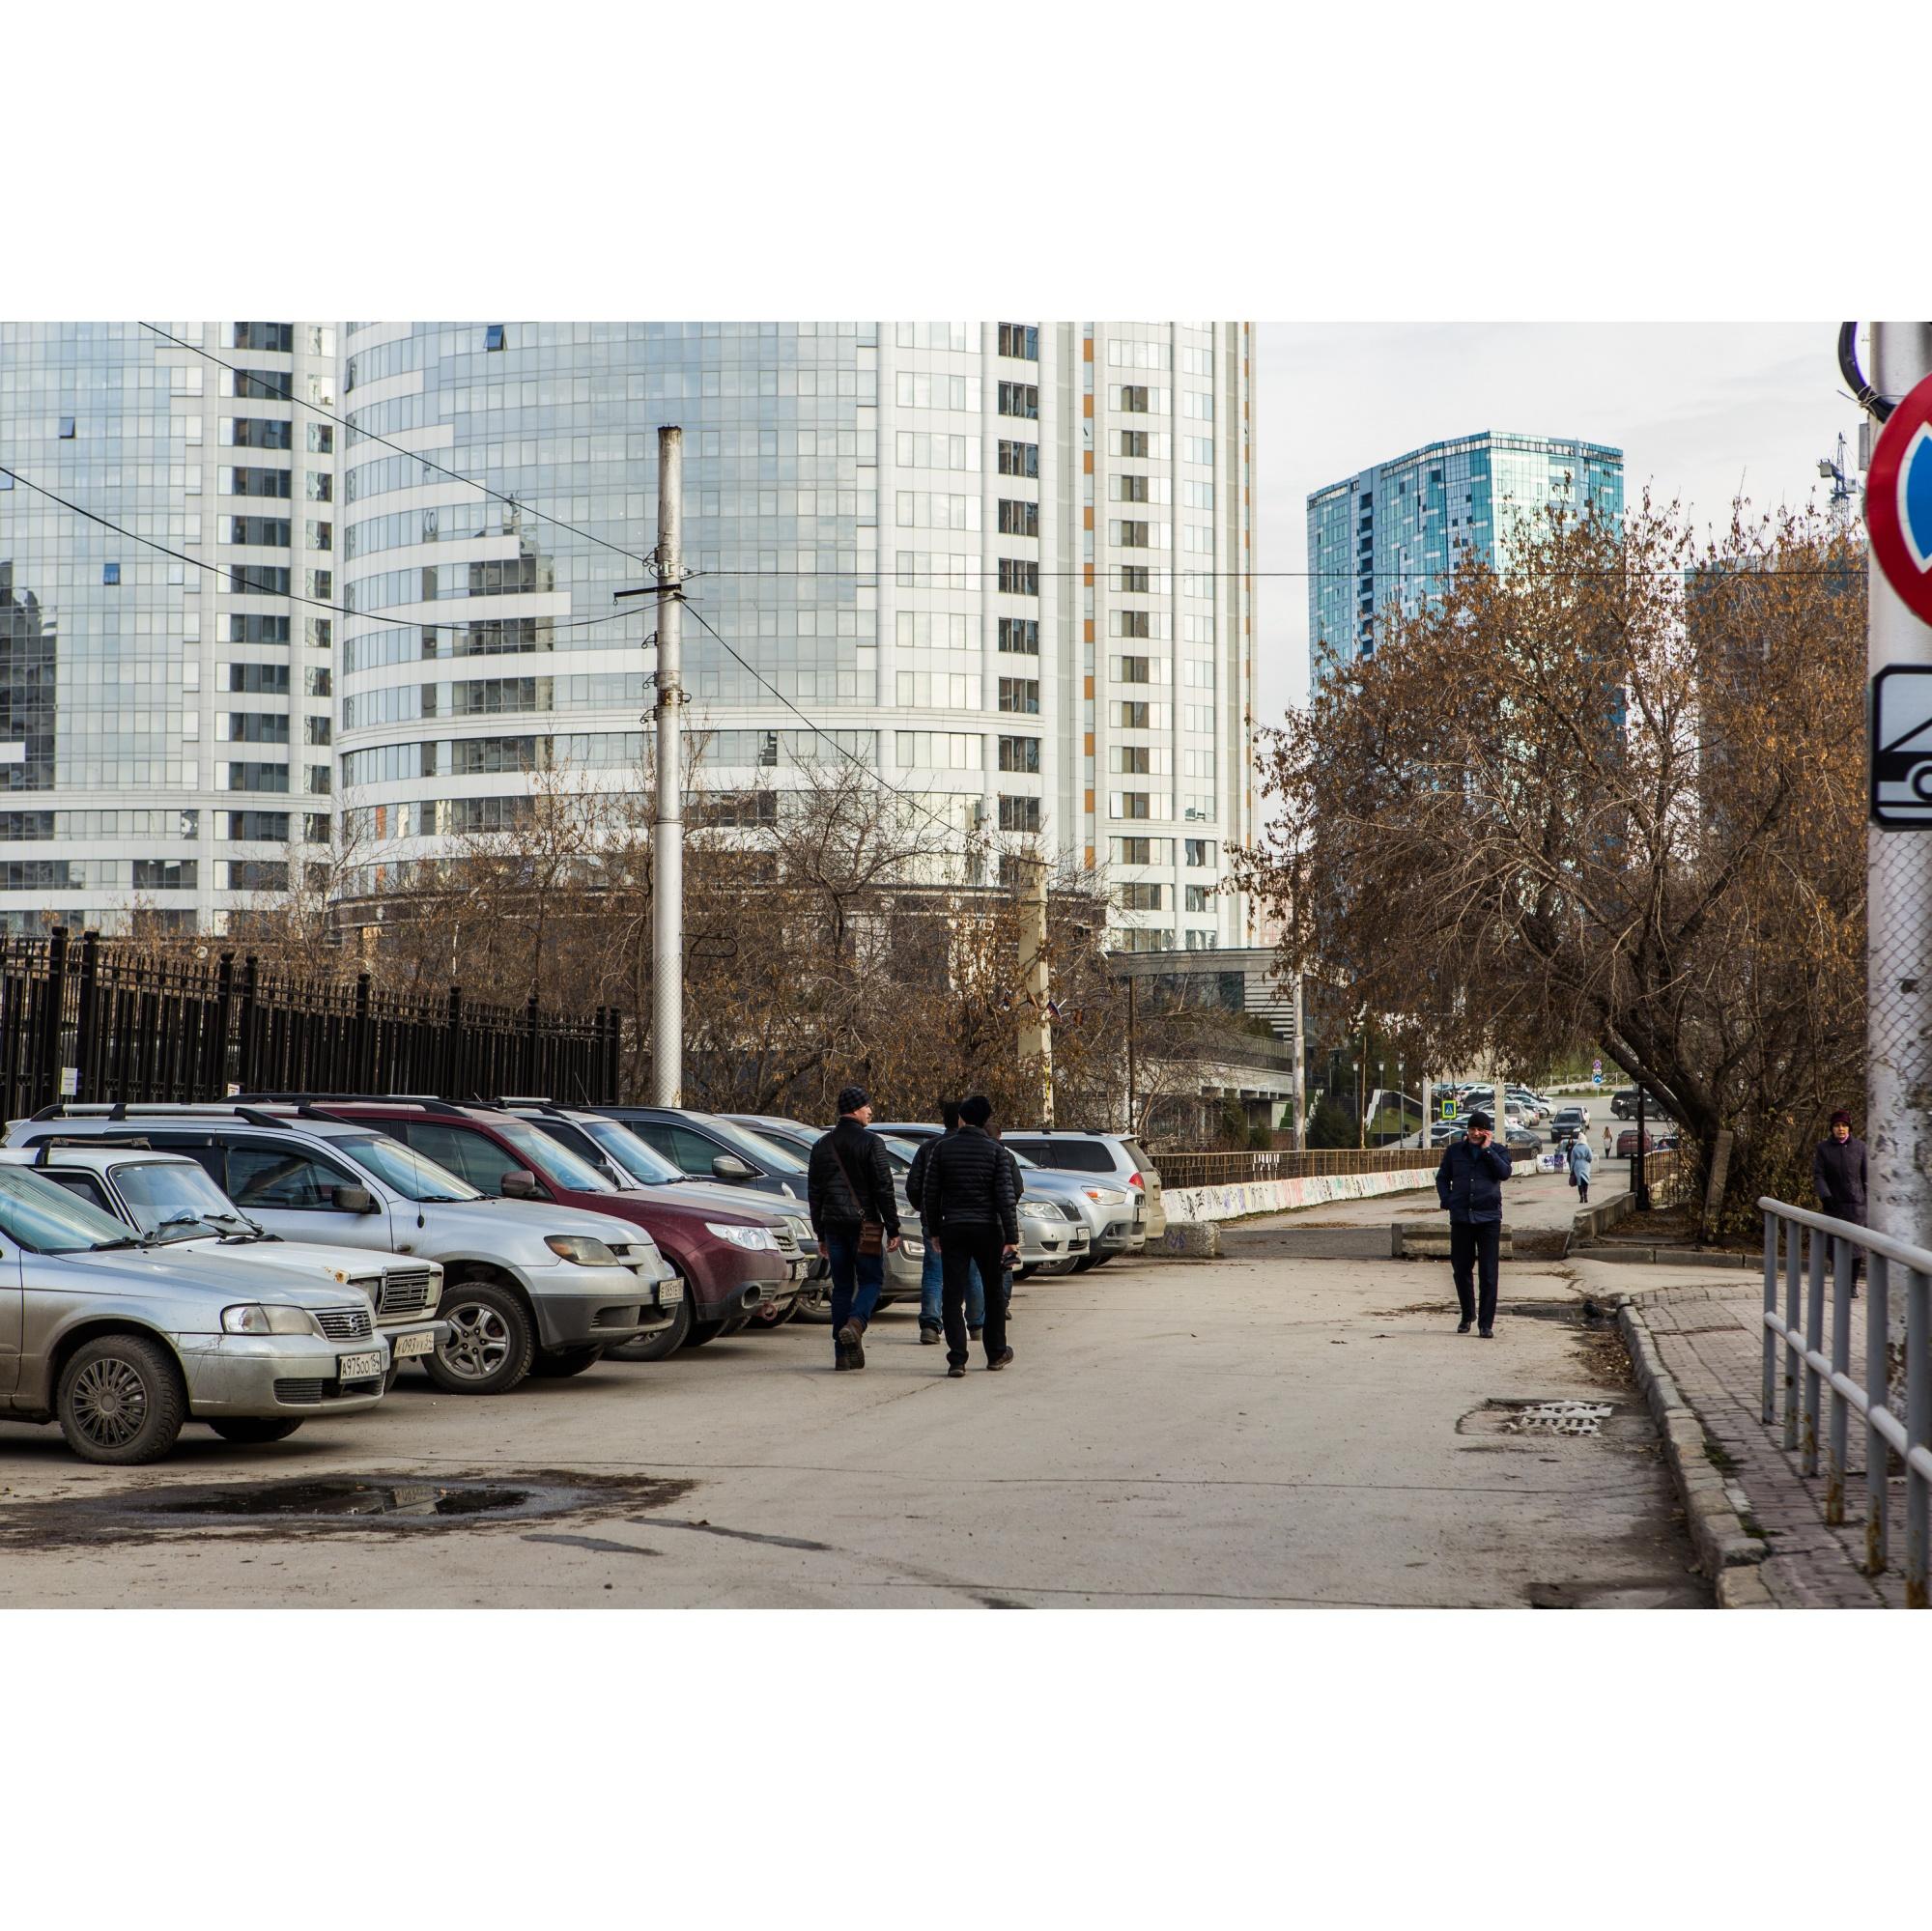 Через мост кратчайший путь из центра до метро «Октябрьская»